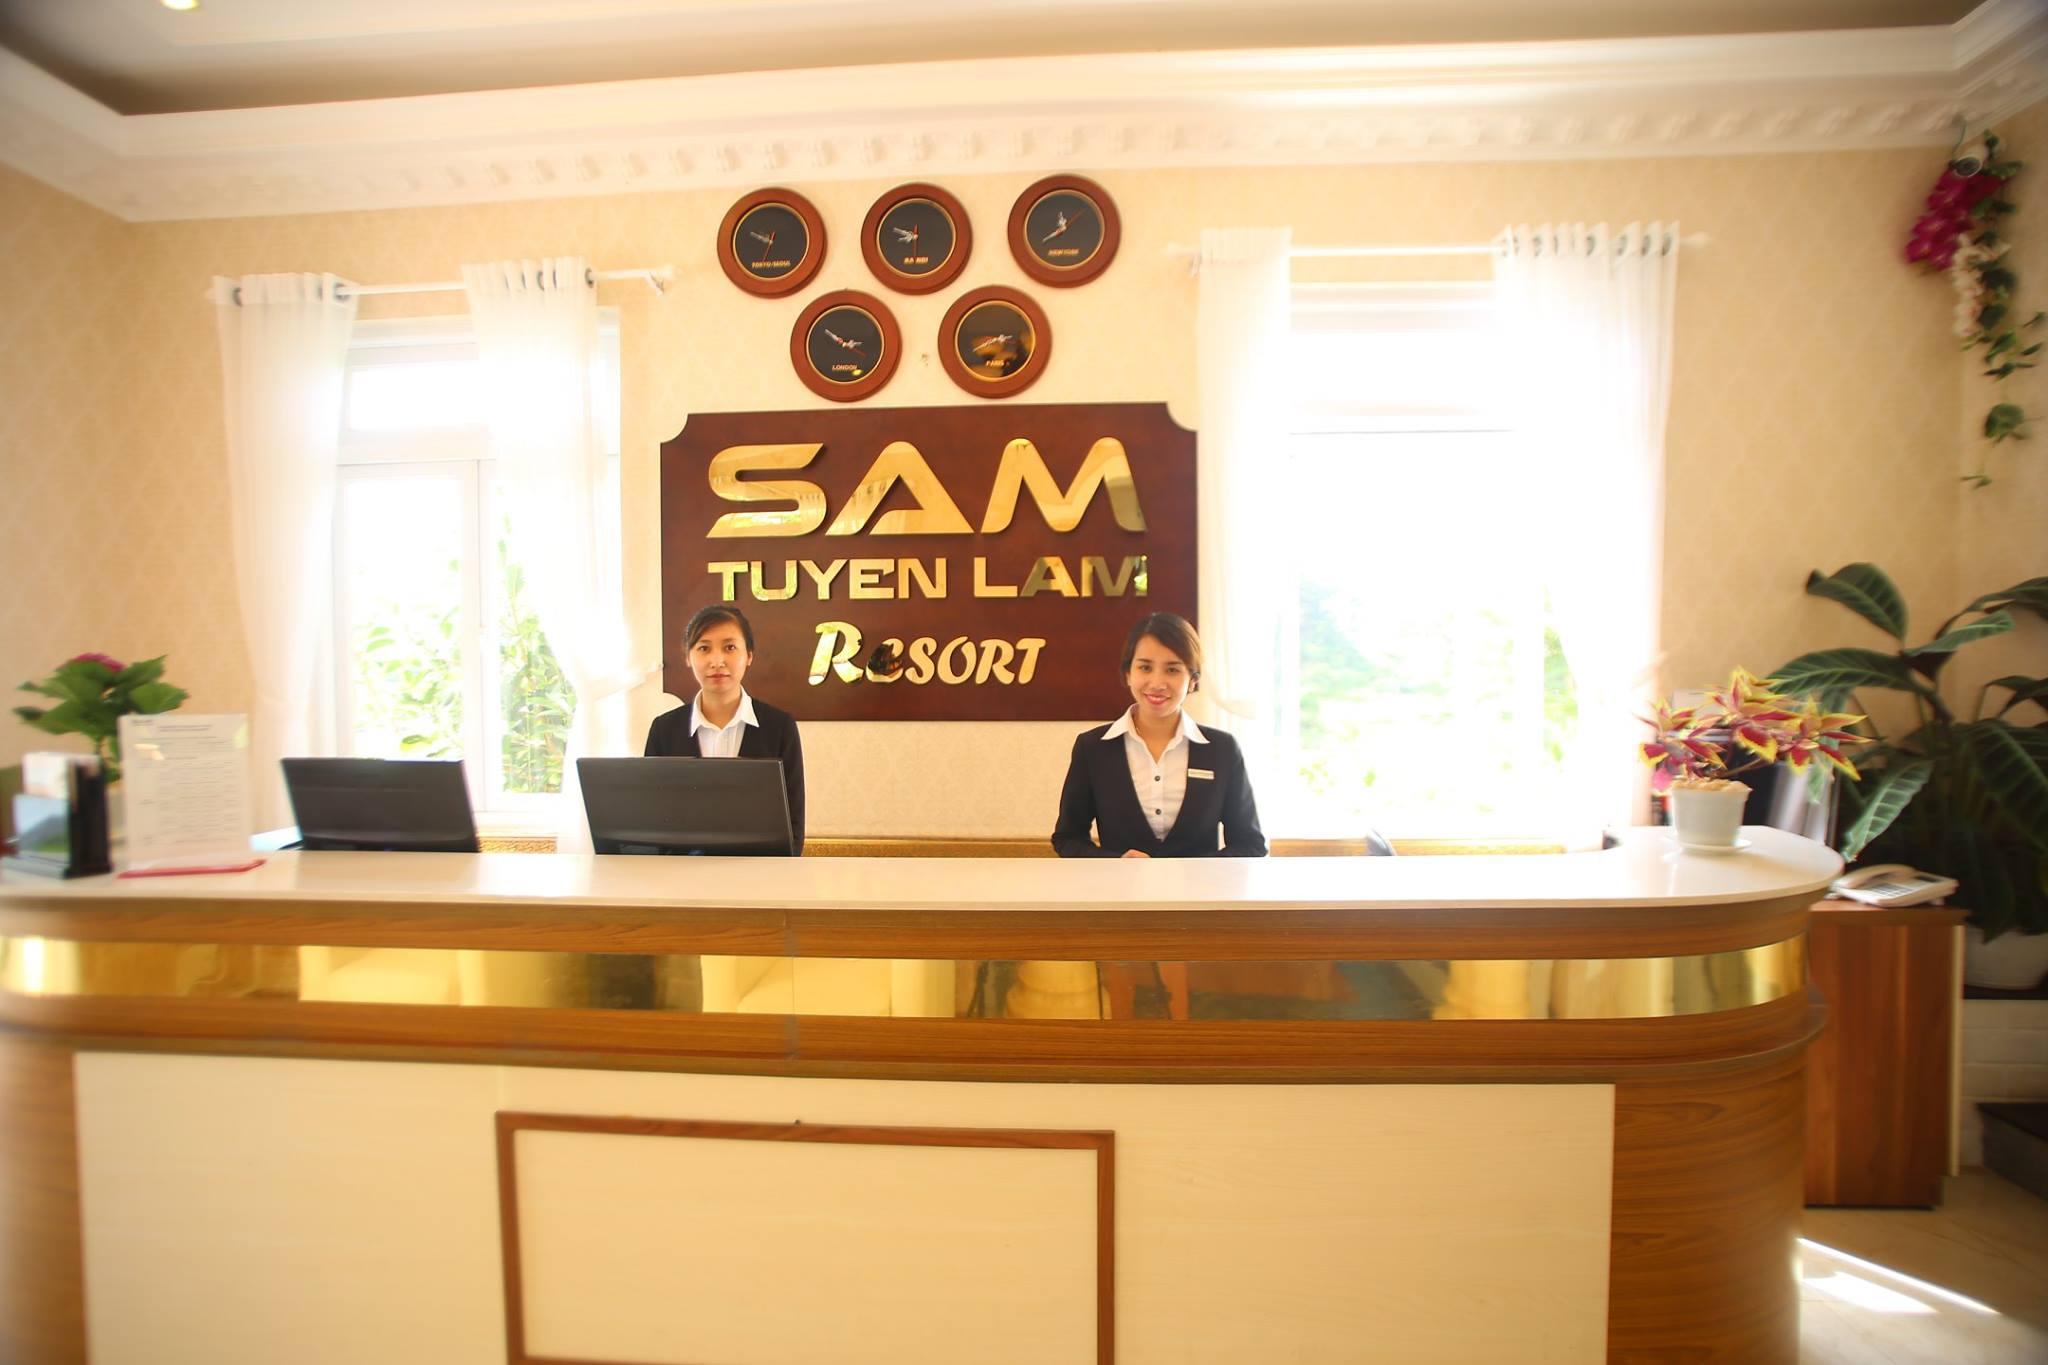 SAM Tuyền Lâm Resort 4* Đà Lạt - Gói 3N2Đ, Ăn 3 Bữa, Xe Đưa Đón, Nhiều Ưu Đãi